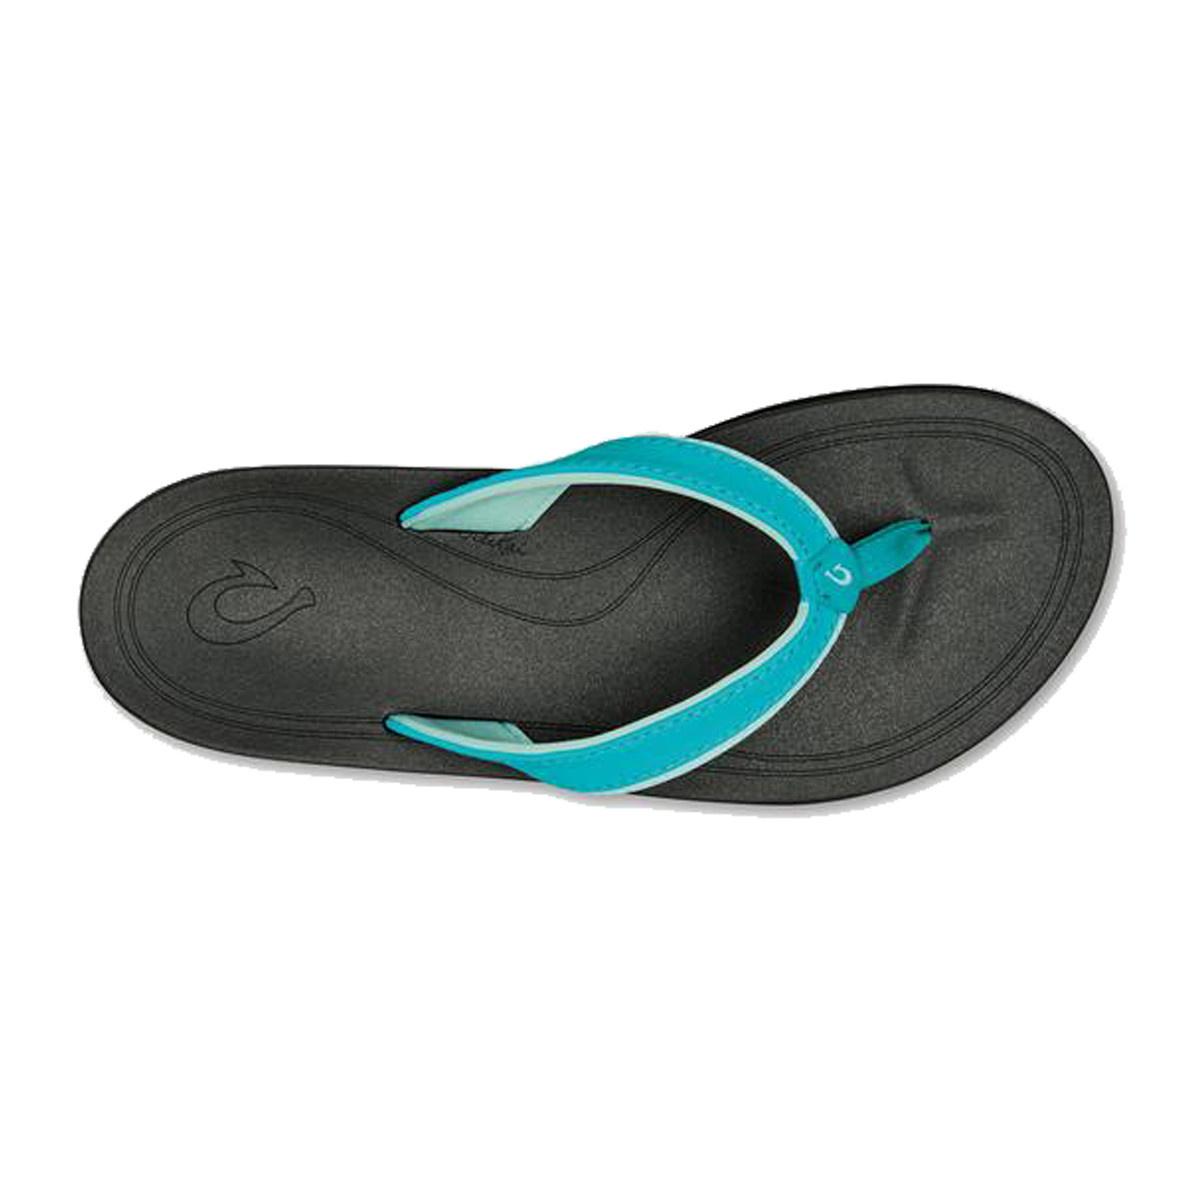 OluKai Olukai Wowen's Punua Flip Flop